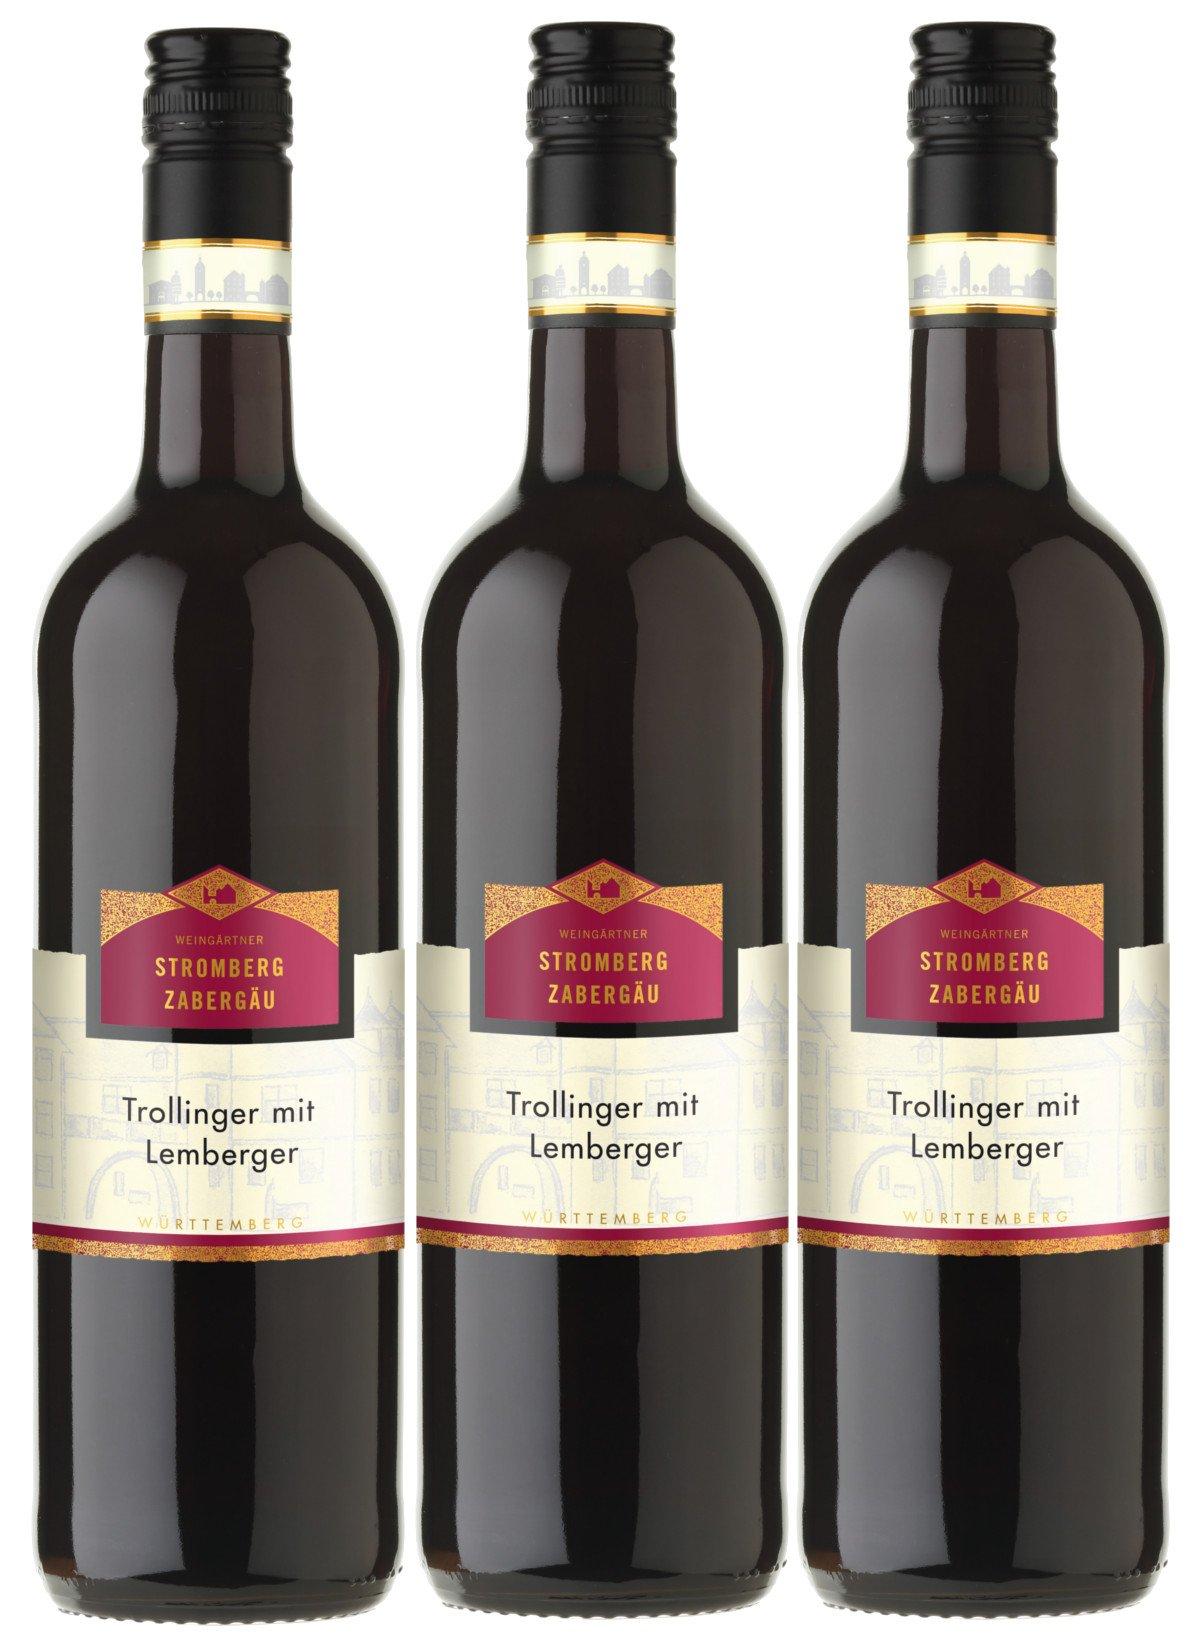 Trollinger-mit-Lemberger-StrombergZabergu-rot-halbtrocken-115-vol-3er-Paket